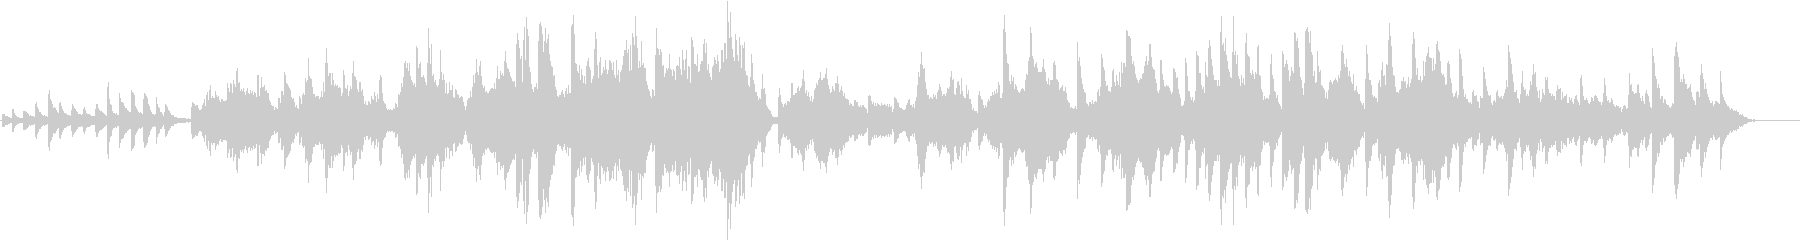 ピアノと弦楽器によるハーモニーの未再生の波形